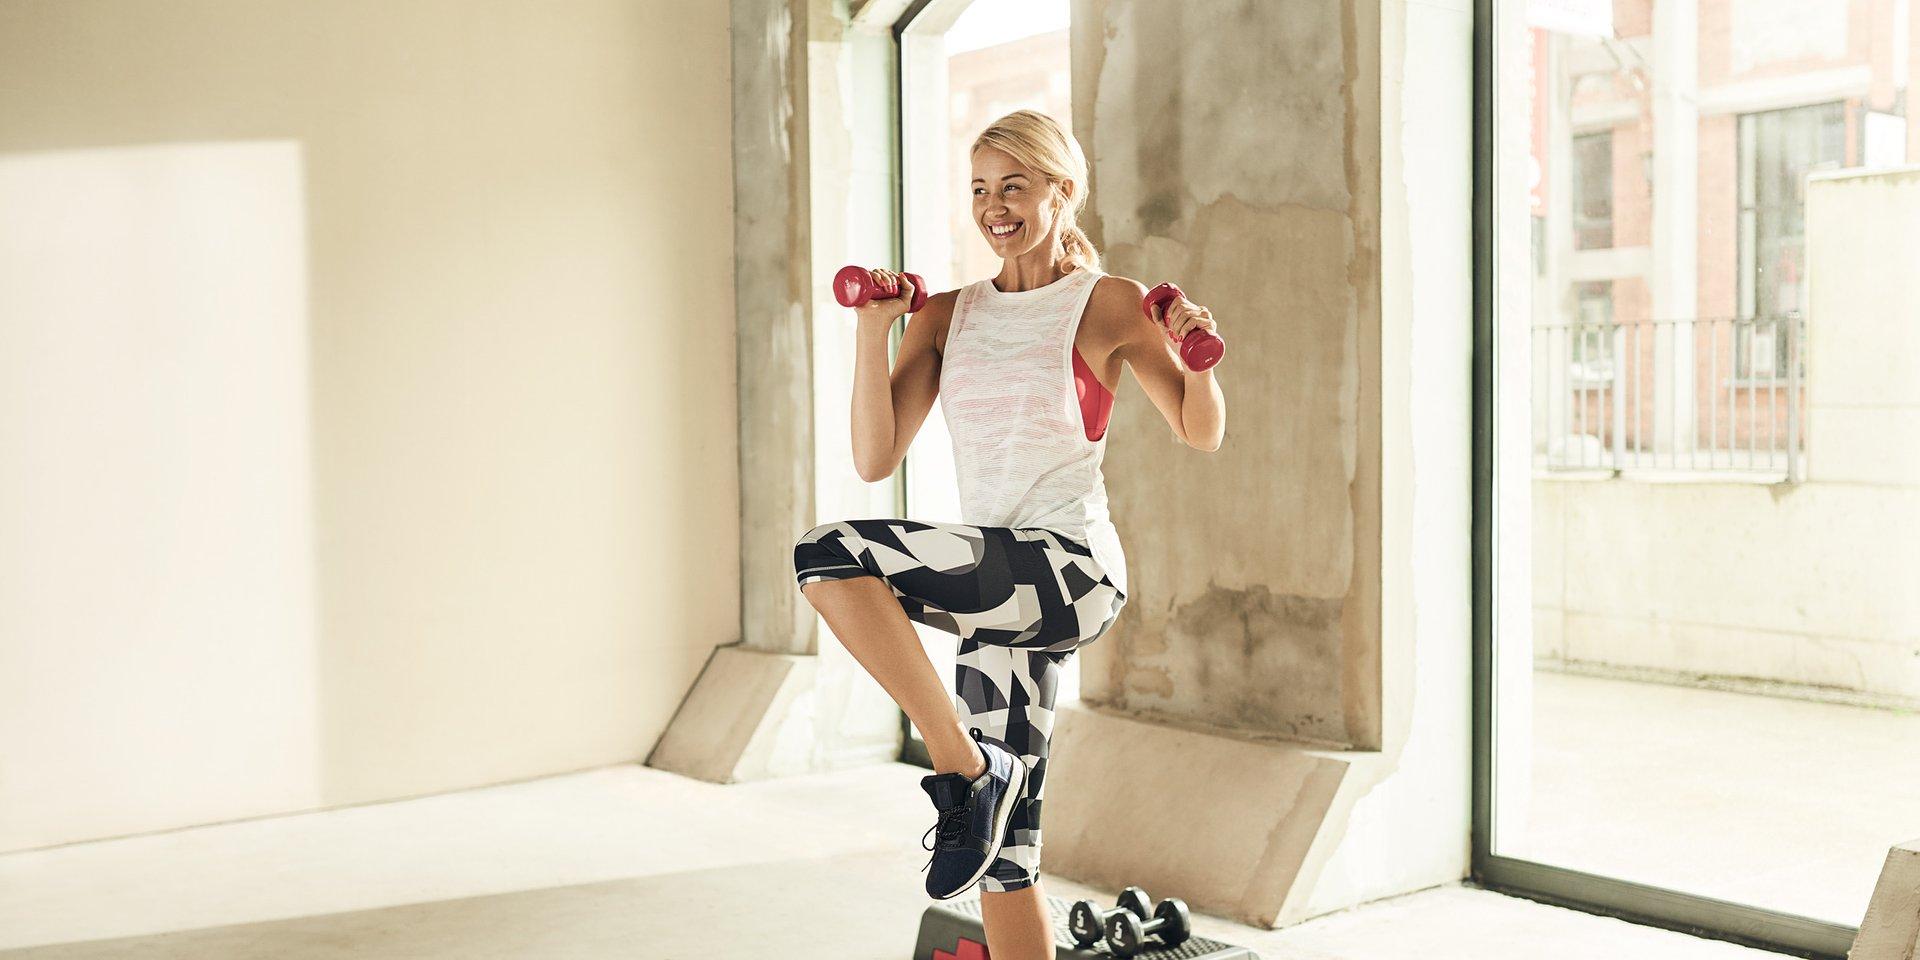 Dobrze, że jesteś! – MultiSport promuje powroty do treningów w obiektach sportowych